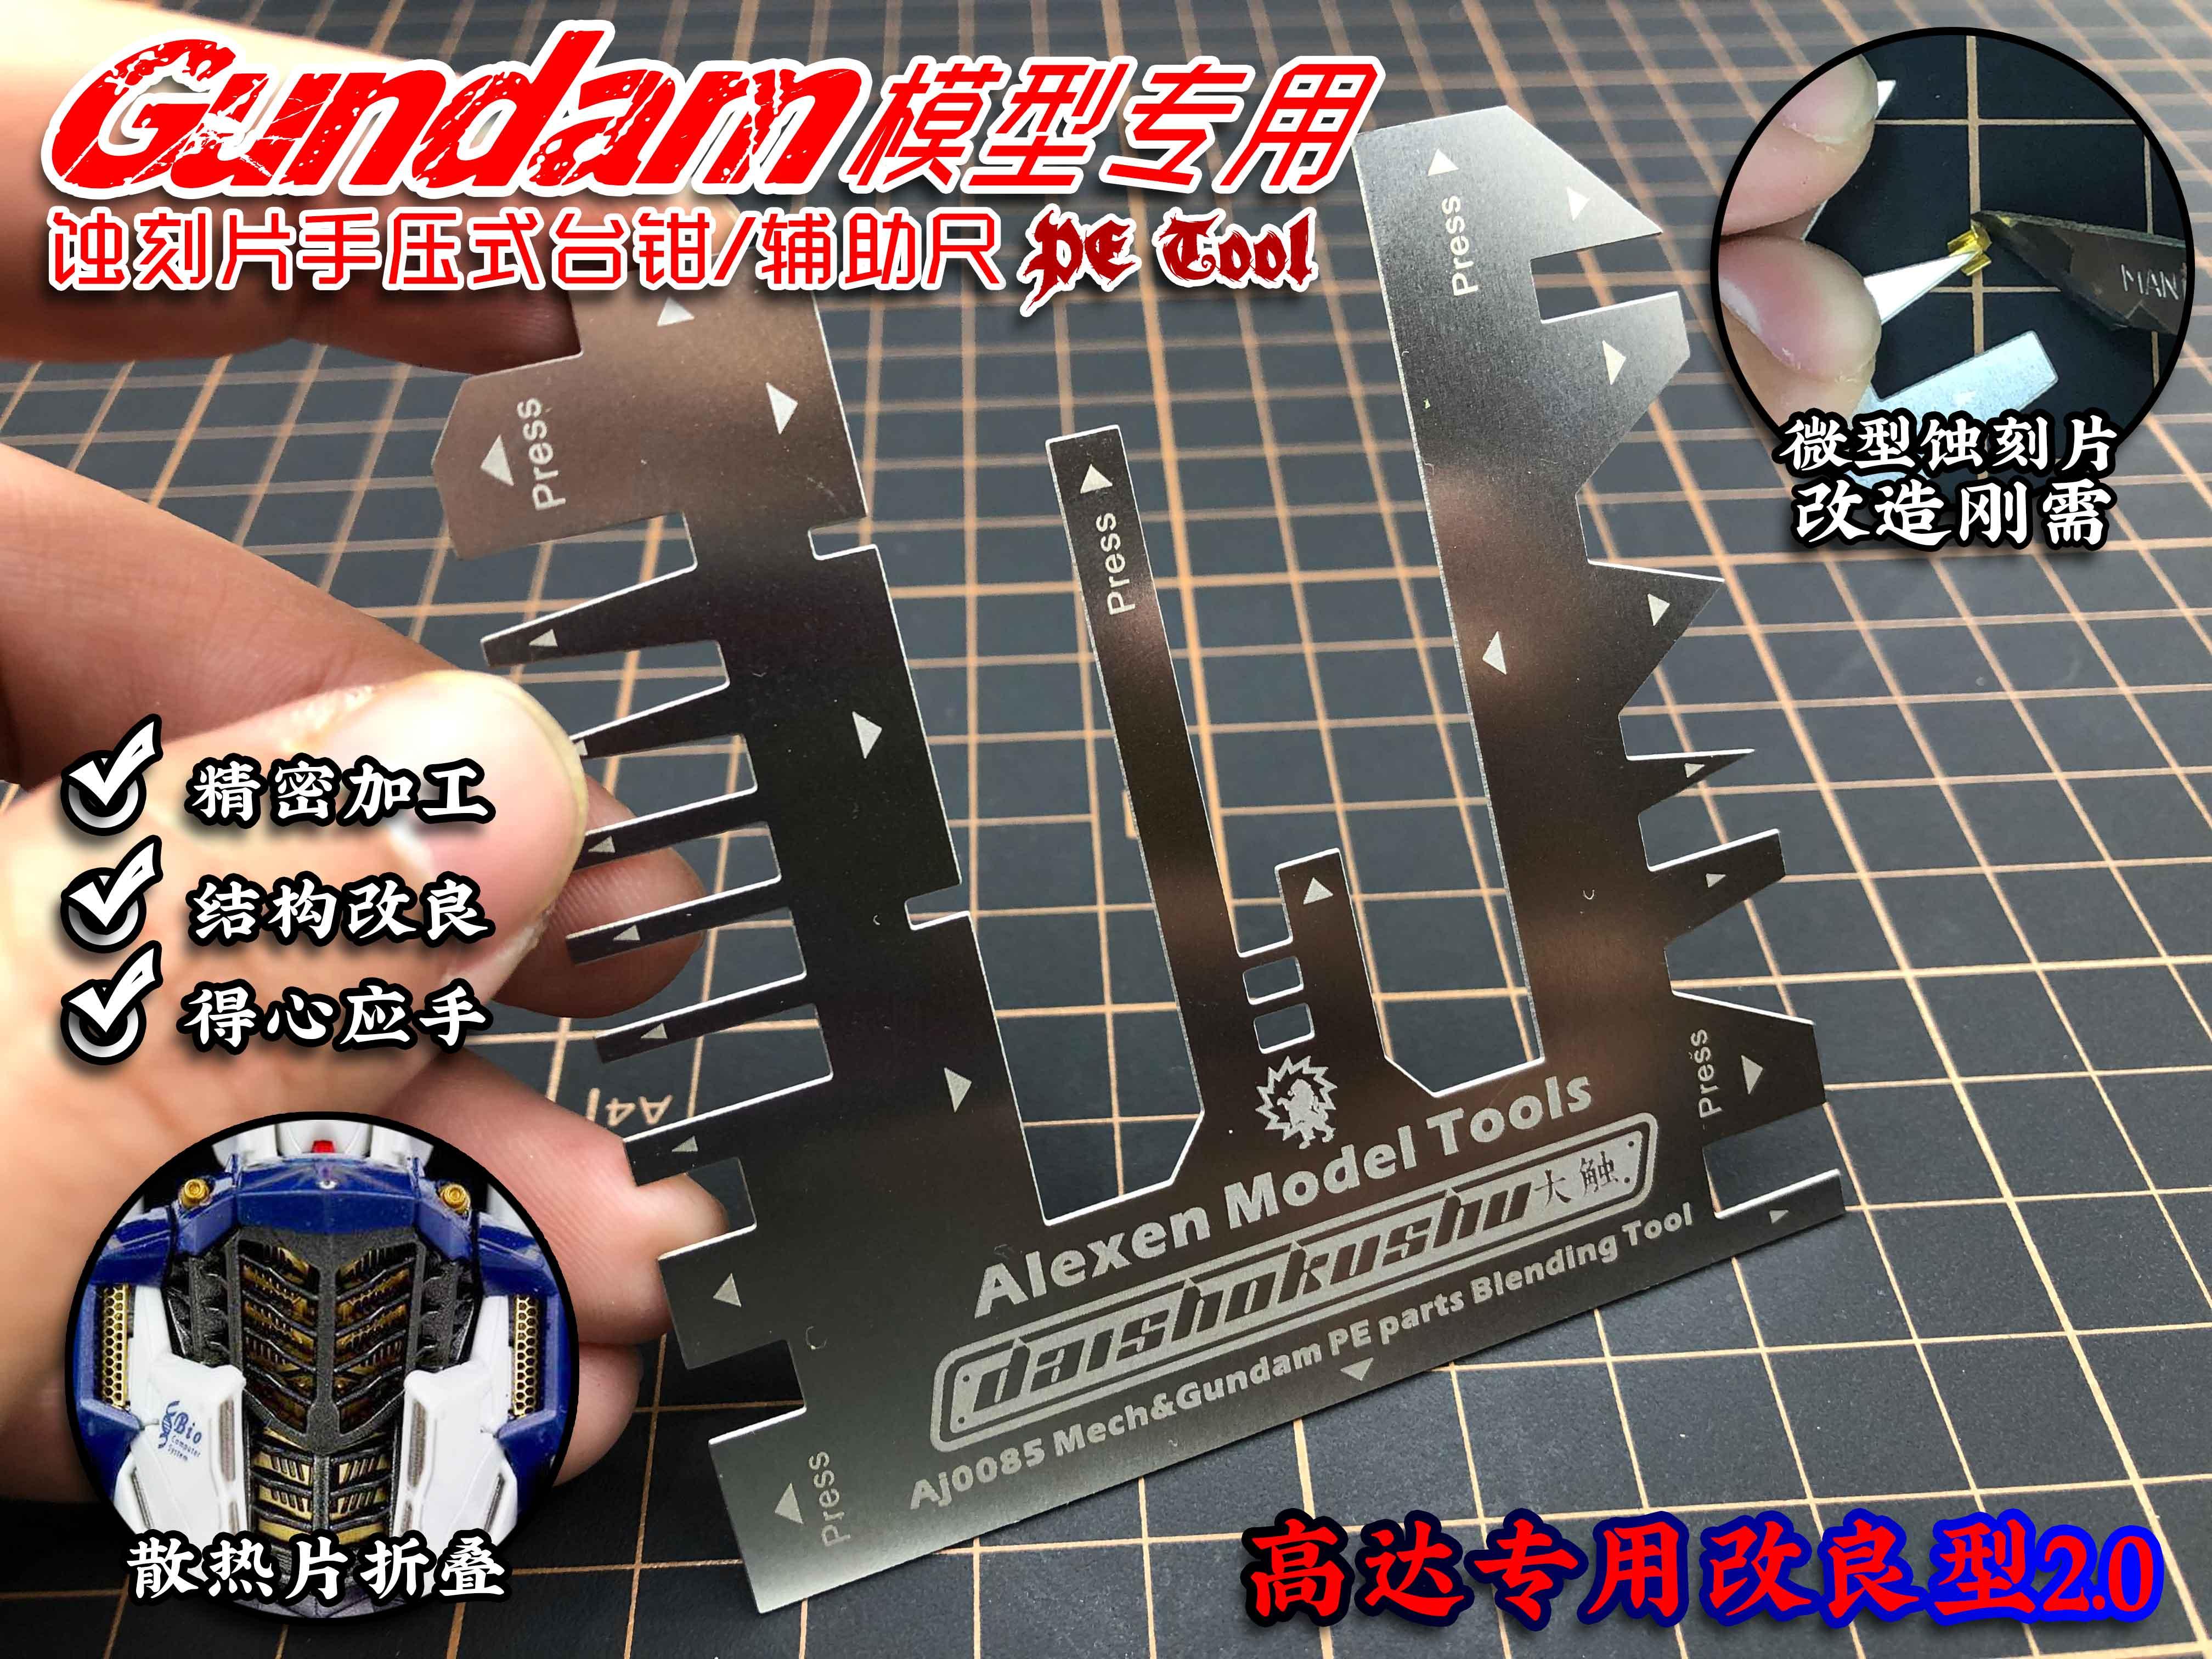 【艾烈臣品】AJ0085 钢制 高达专用 蚀刻片折叠 大触手压式辅助尺